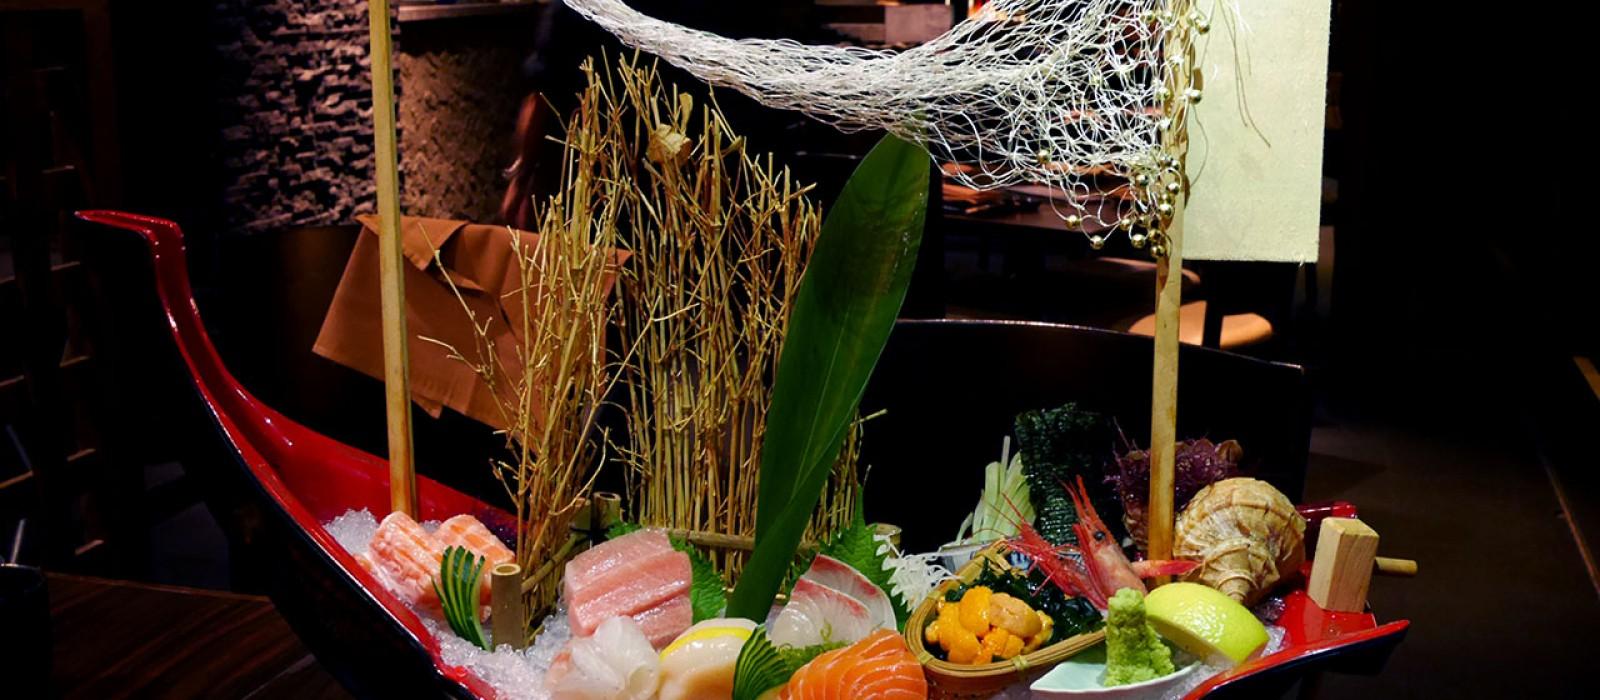 Chef Special Menu at Kuriya, Bangsar Shopping Centre